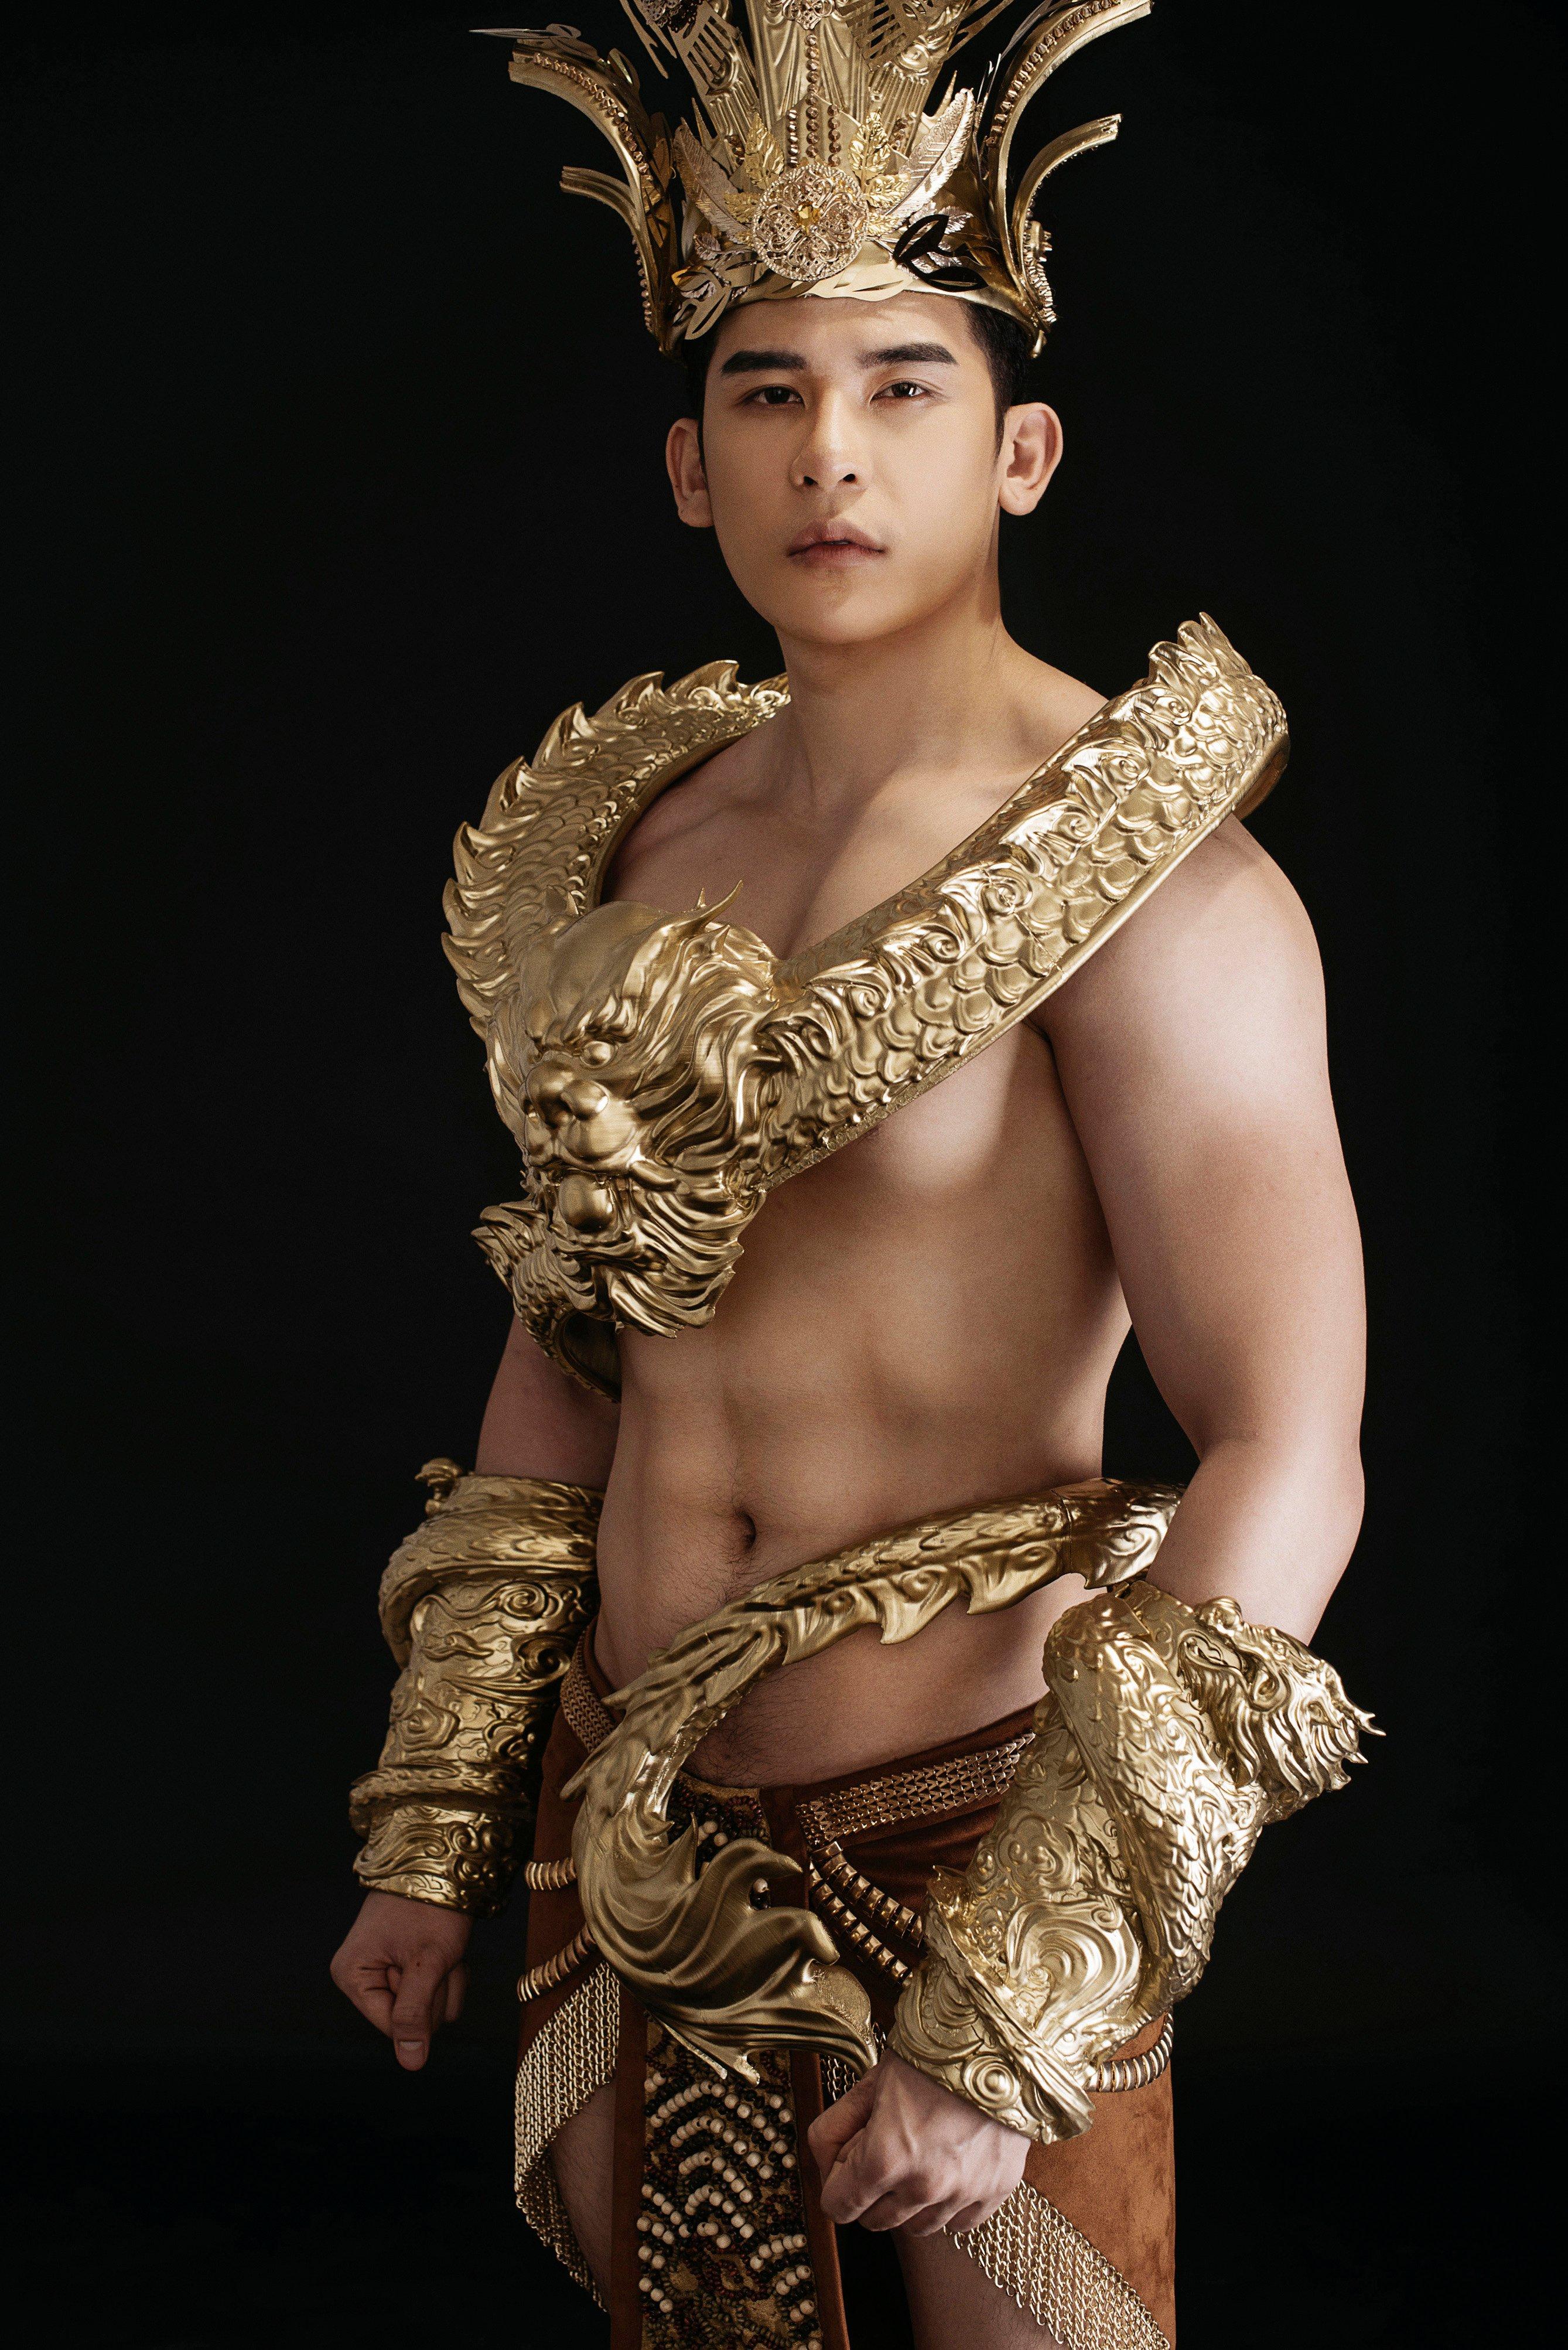 Siêu mẫu Trần Minh Trung diện trang phục dát vàng nặng 40kg dự thi Mister International 6